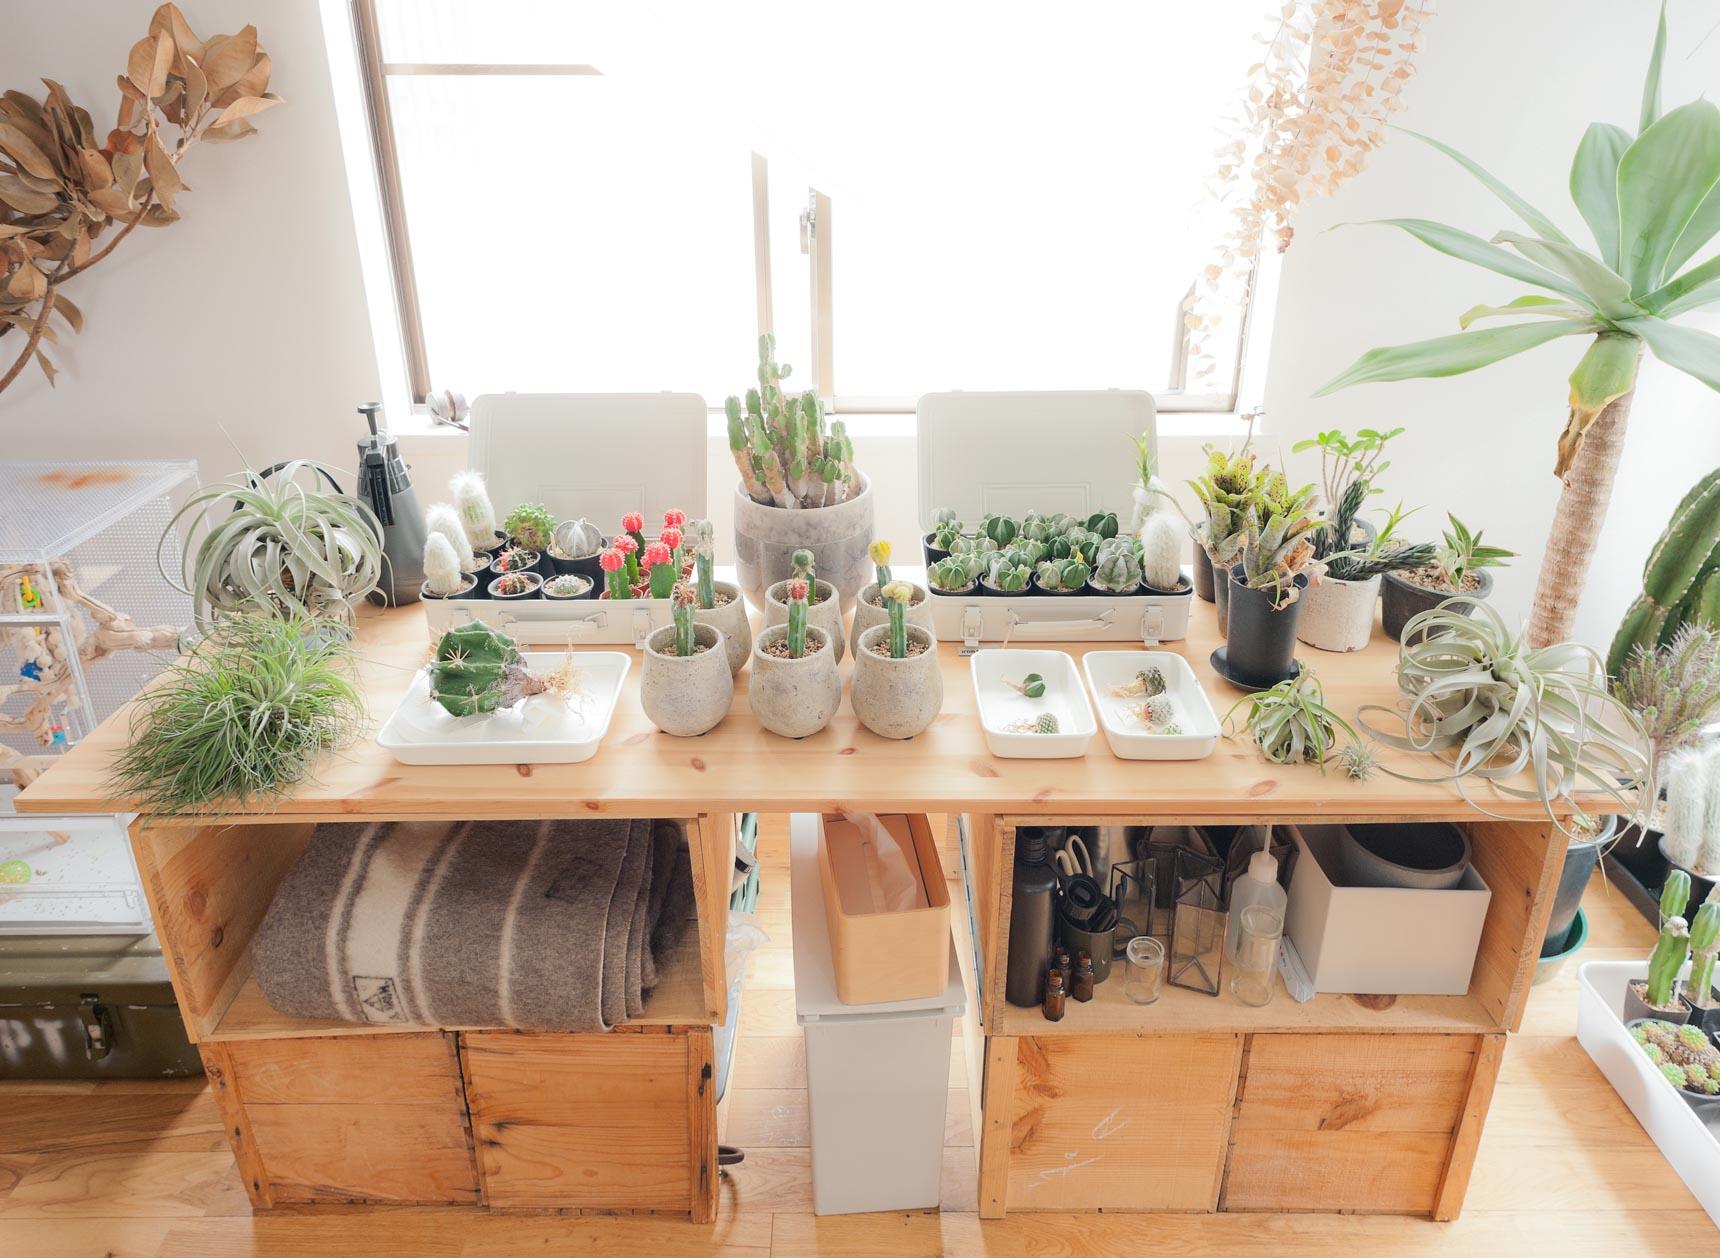 窓際にリンゴ箱を利用した台があって、その上にならべられた緑たち